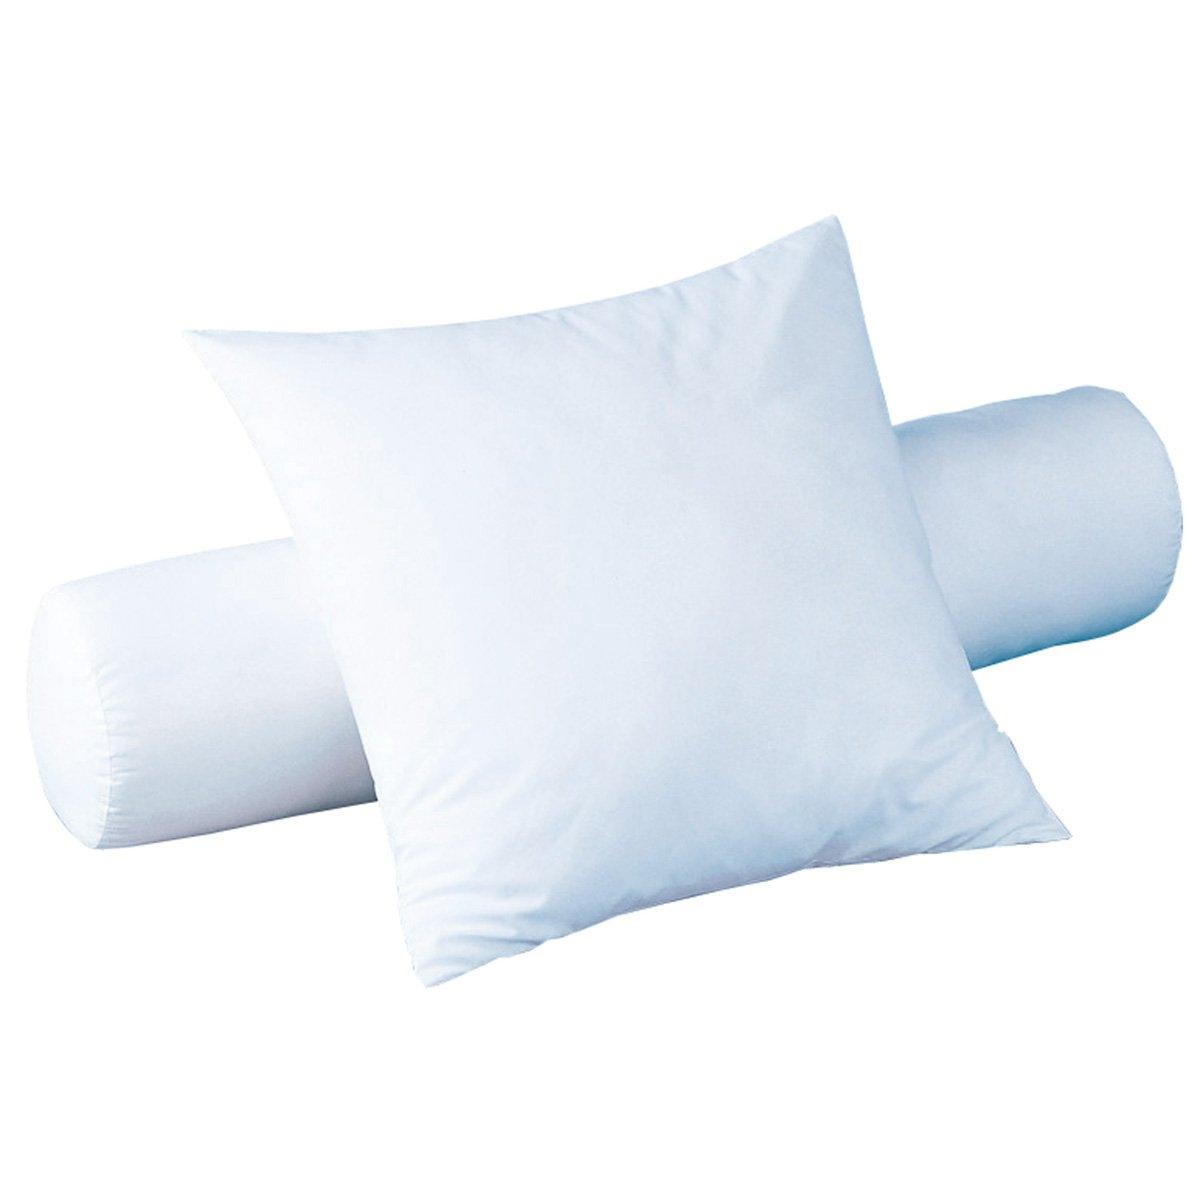 Подушка упругая из синтетикиНАПОЛНЕНИЕ : 100% полиэстер RECYFIL ЧЕХОЛ : 100% биохлопокУход : Стирка при 40°. Разм. в см.Продается поштучно или комплектом из 2 подушек.<br><br>Цвет: белый<br>Размер: 40x60 см